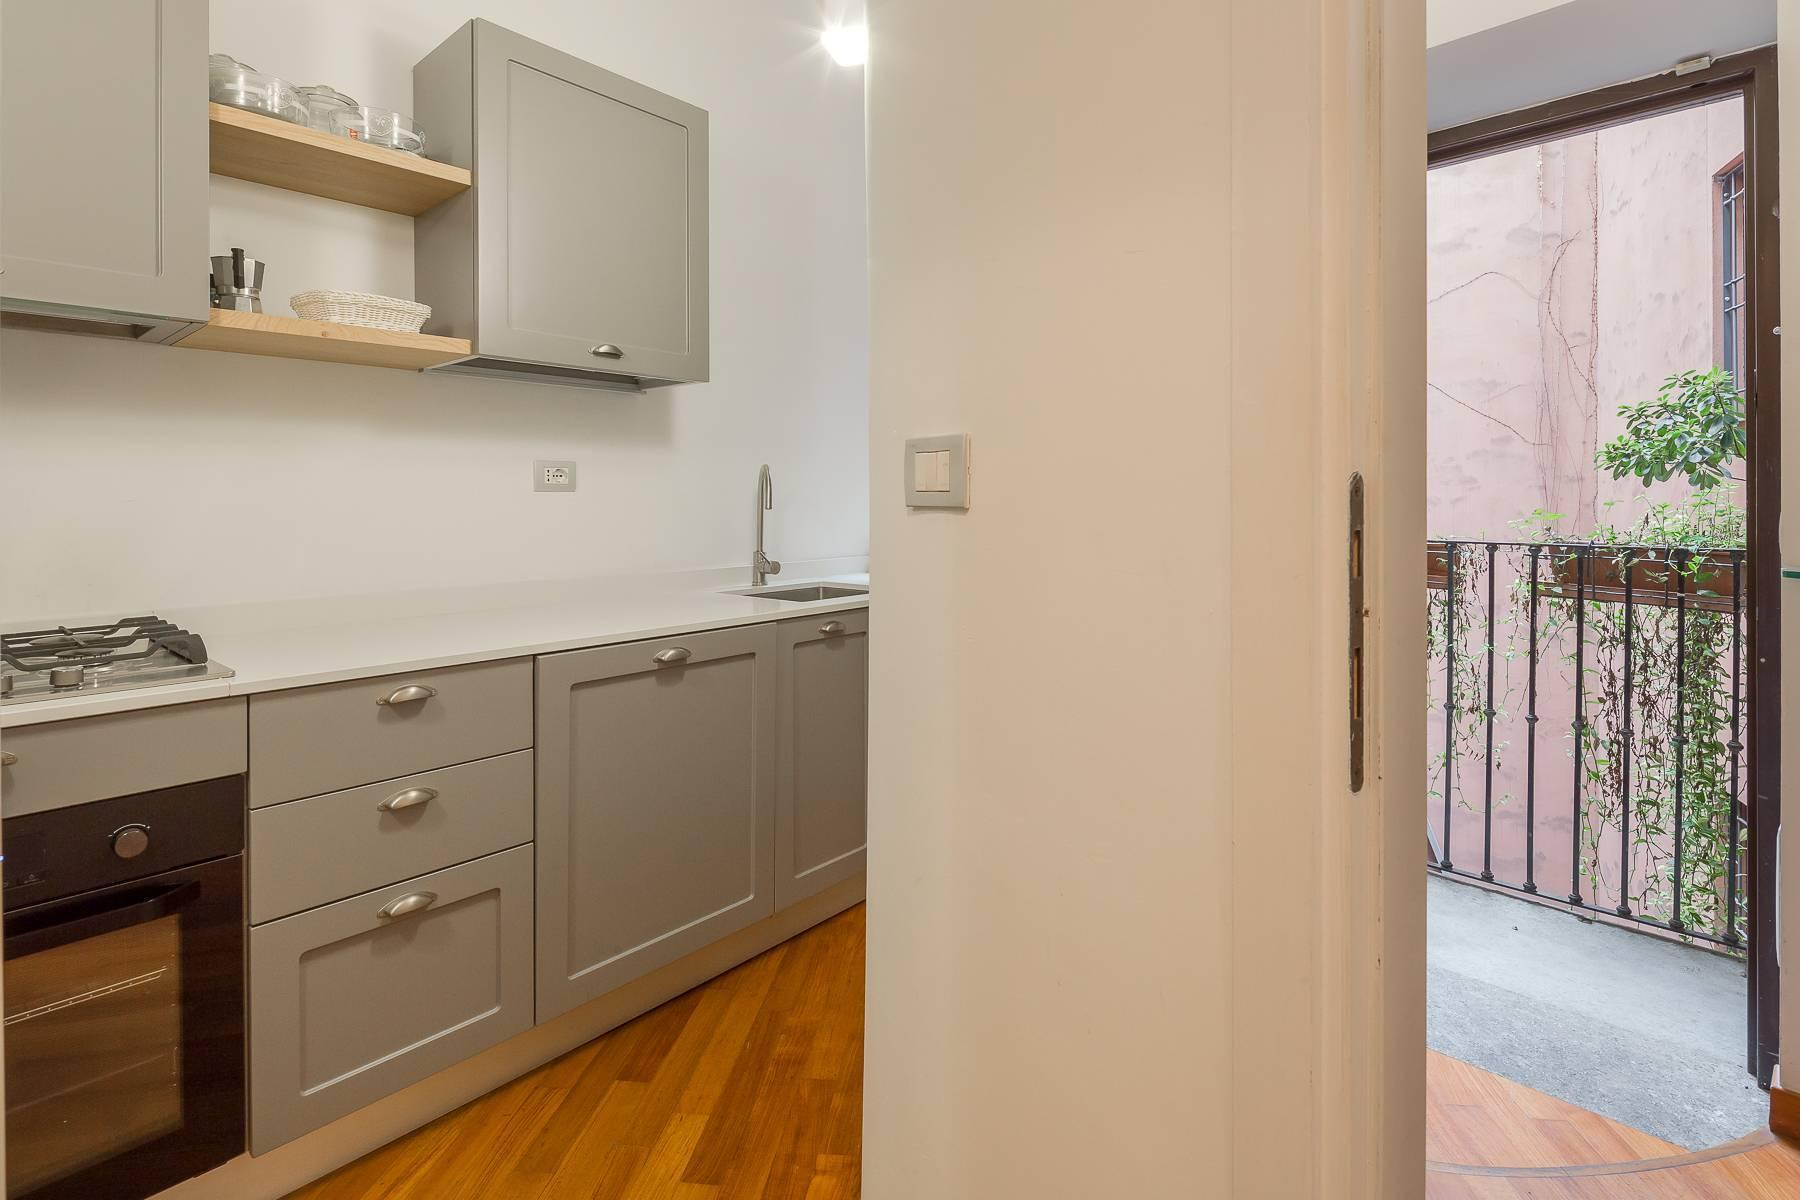 Полностью меблированная трехкомнатная квартира в самом центре Бреры - 16